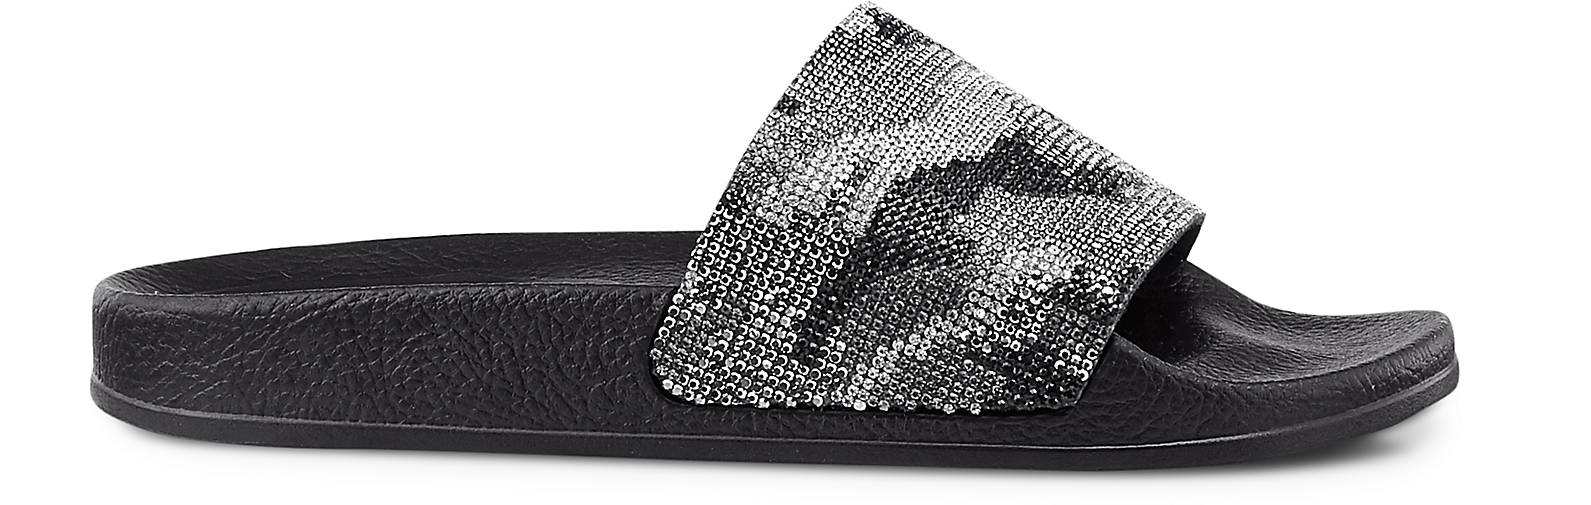 Another A Glitzer-Pantolette in schwarz kaufen - 47389801 GÖRTZ Gute Gute Gute Qualität beliebte Schuhe 5e7720